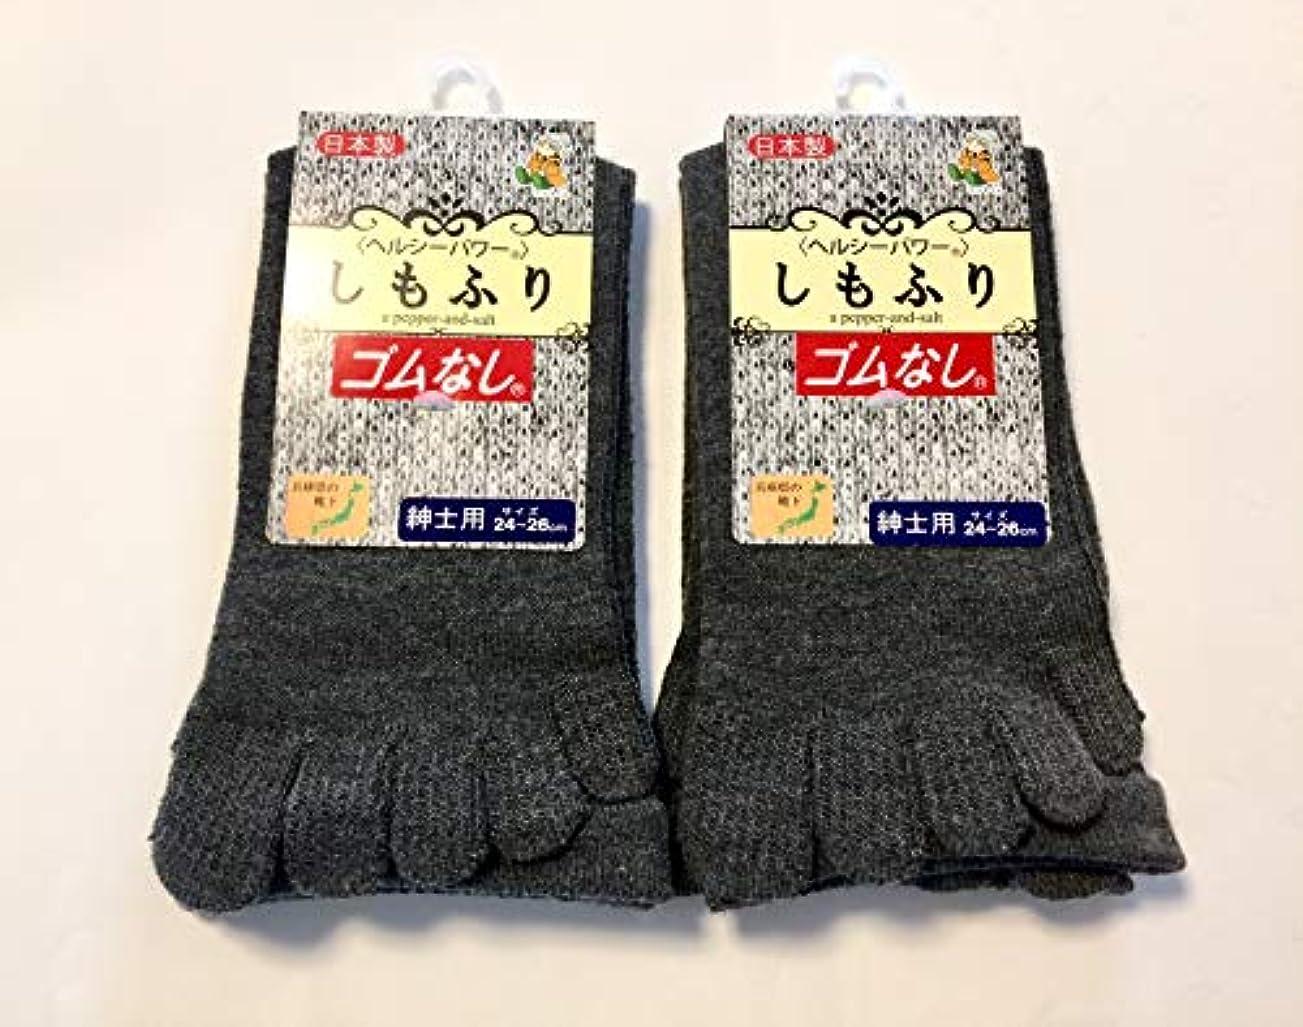 等々真実怪しい日本製 5本指ソックス メンズ 口ゴムなし しめつけない靴下 24~26cm チャコール2足組